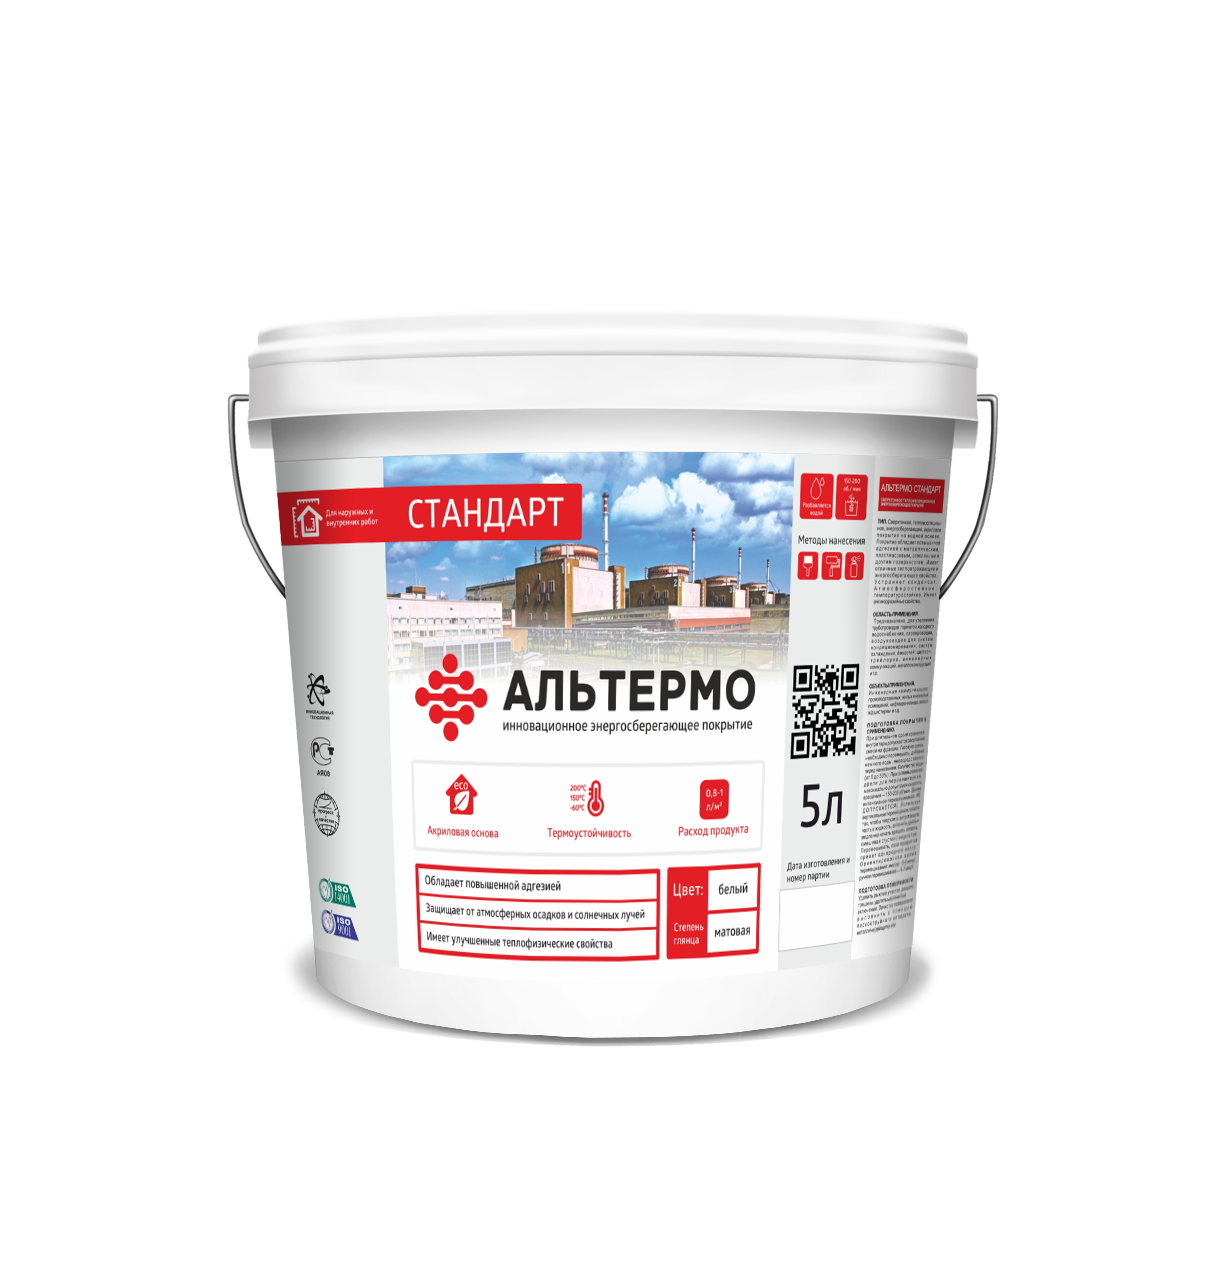 Жидкая керамическая теплоизоляция Альтермо Стандарт (5 Литров) (Теплоизоляционная краска)